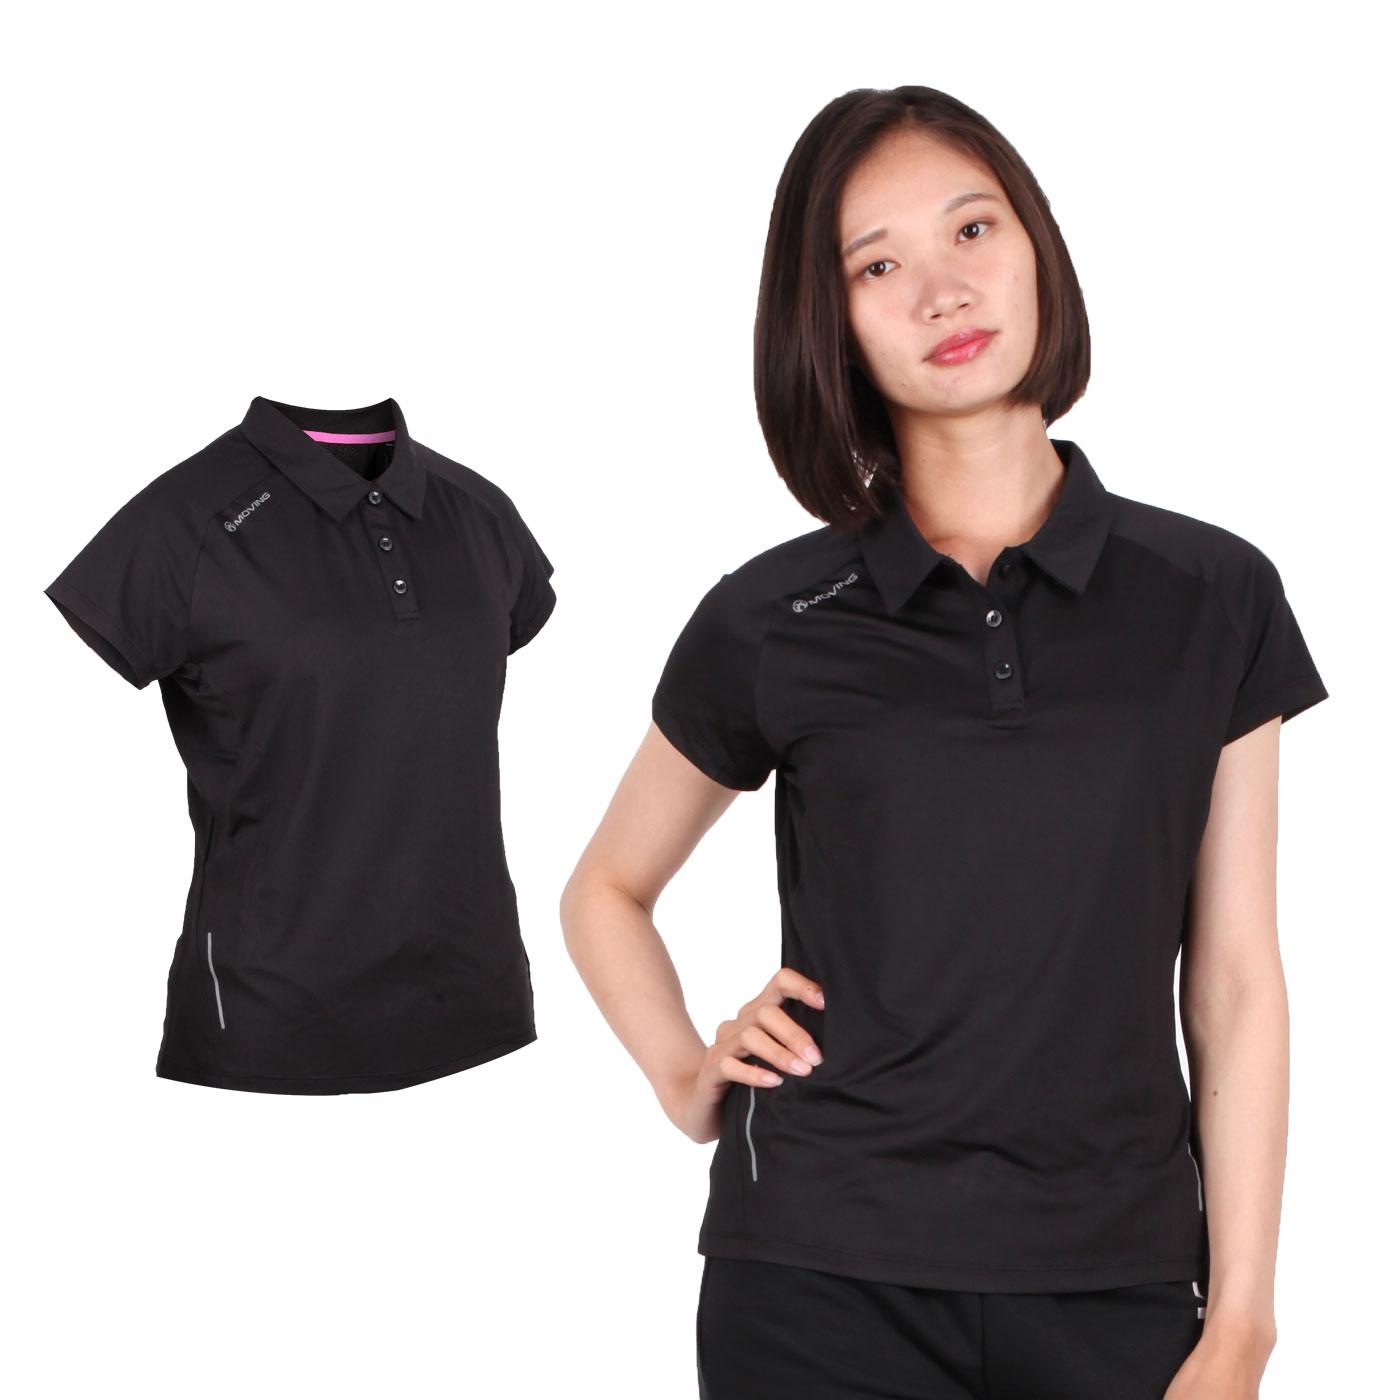 FIRESTAR 女款彈性短袖POLO衫 DL968-10 - 黑